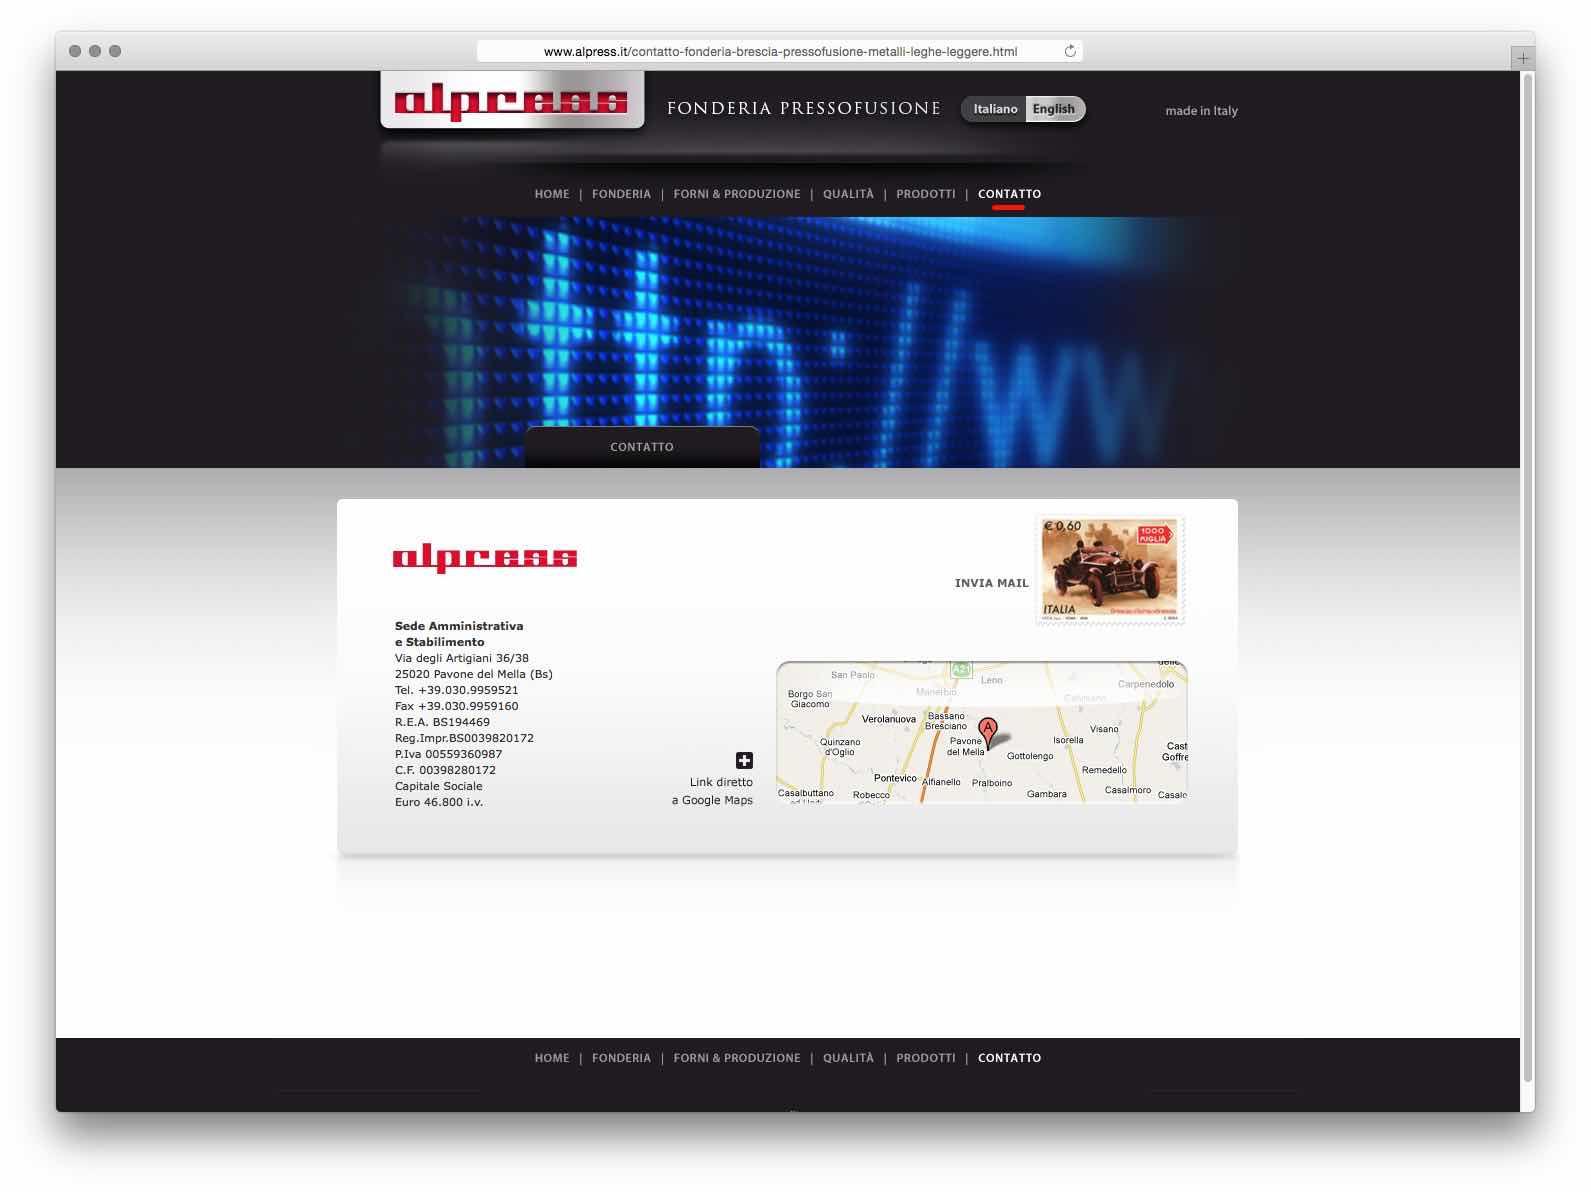 creazione siti web brescia - sito web alpress